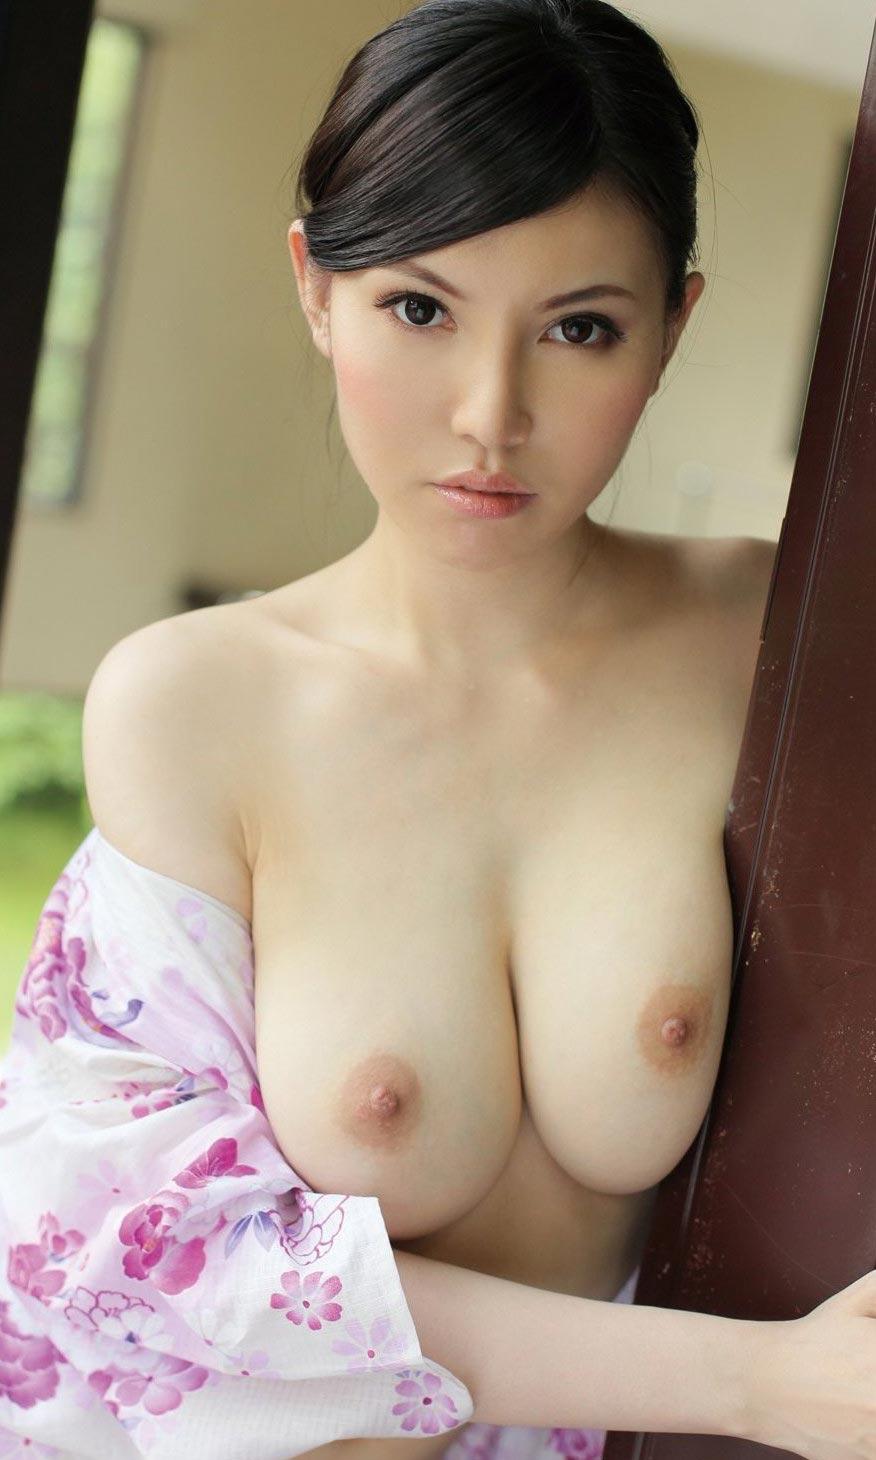 Самые красивые японские порновёзды